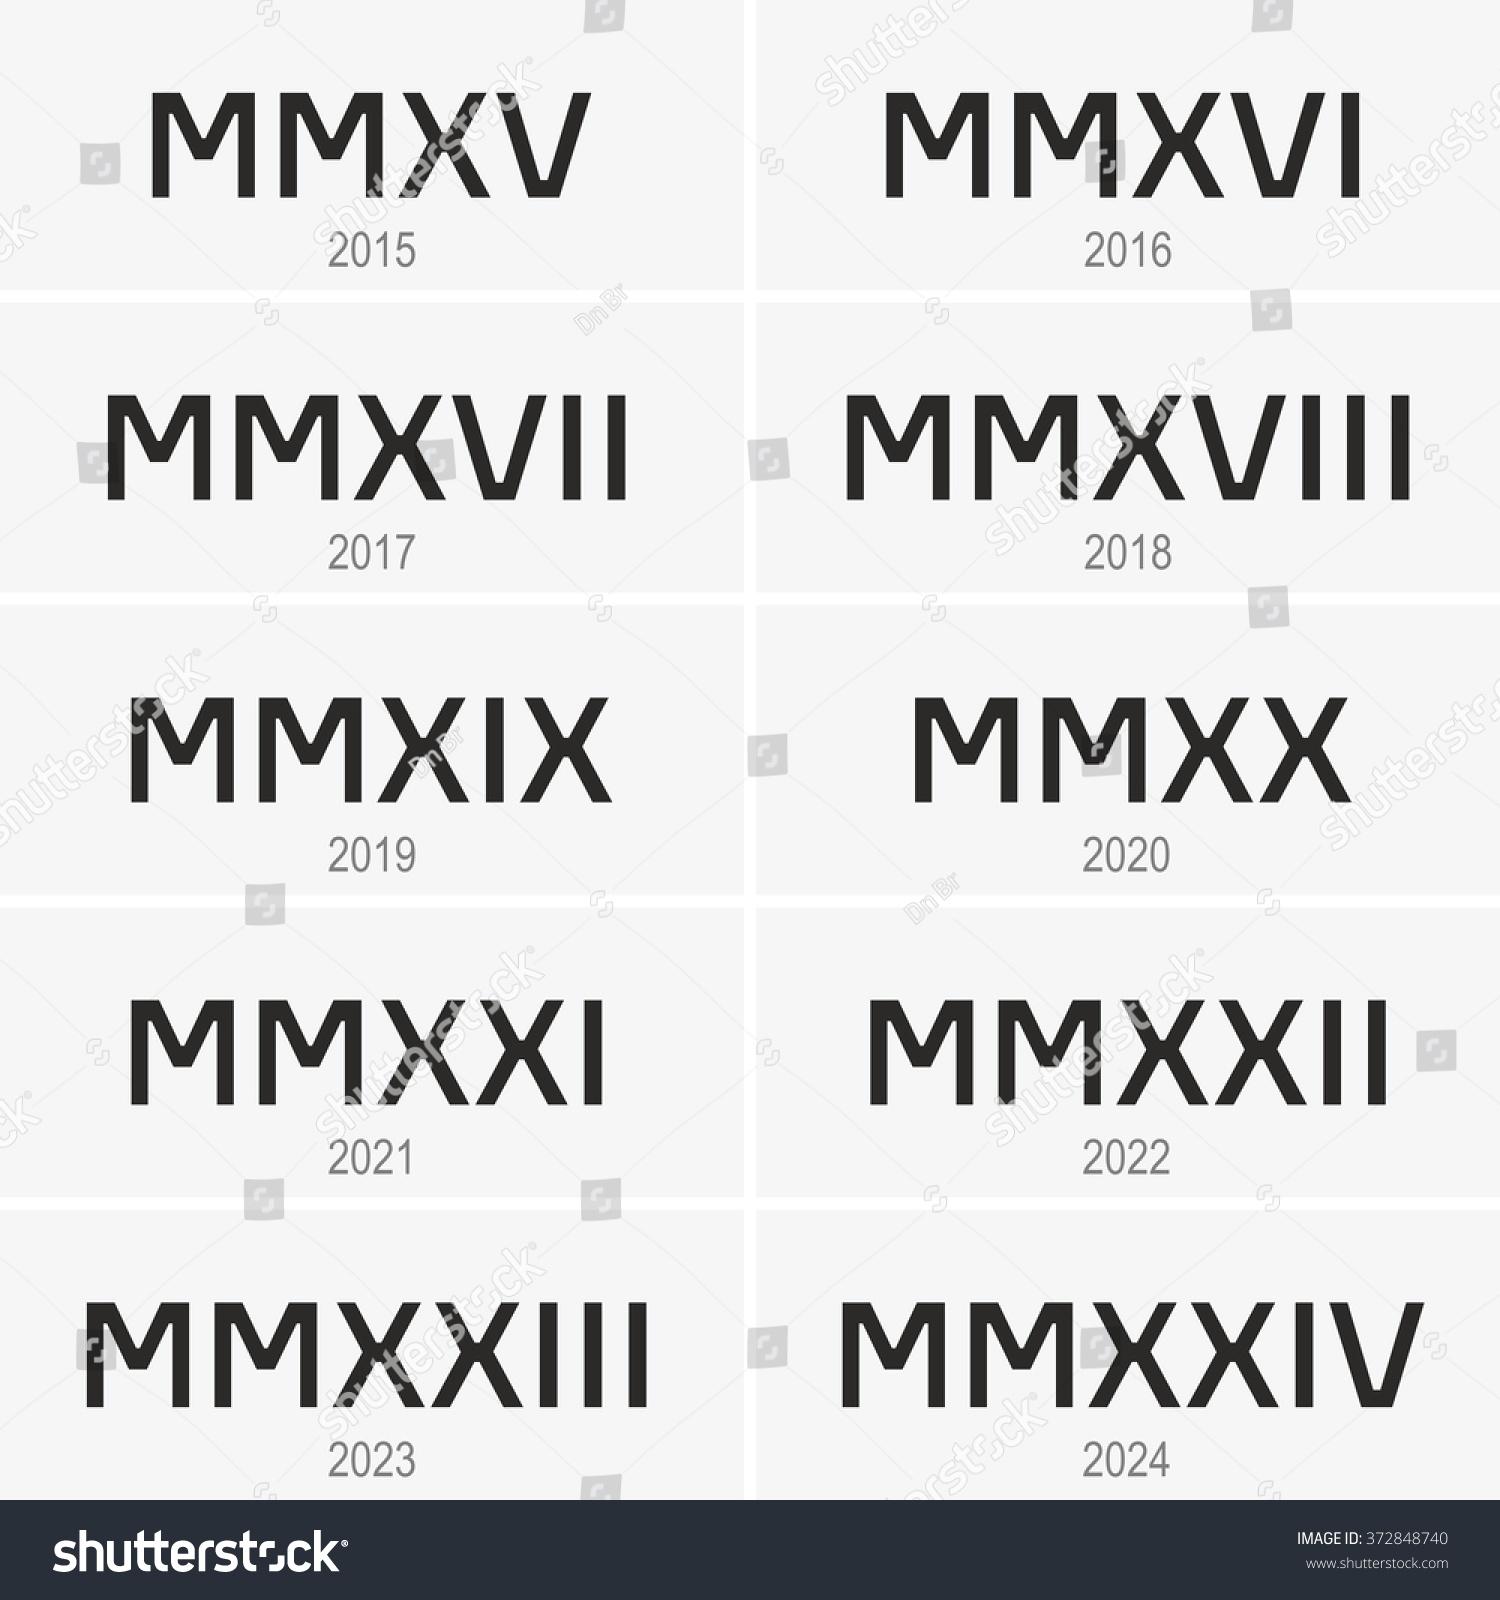 Years Written Roman Numerals Stock Vector